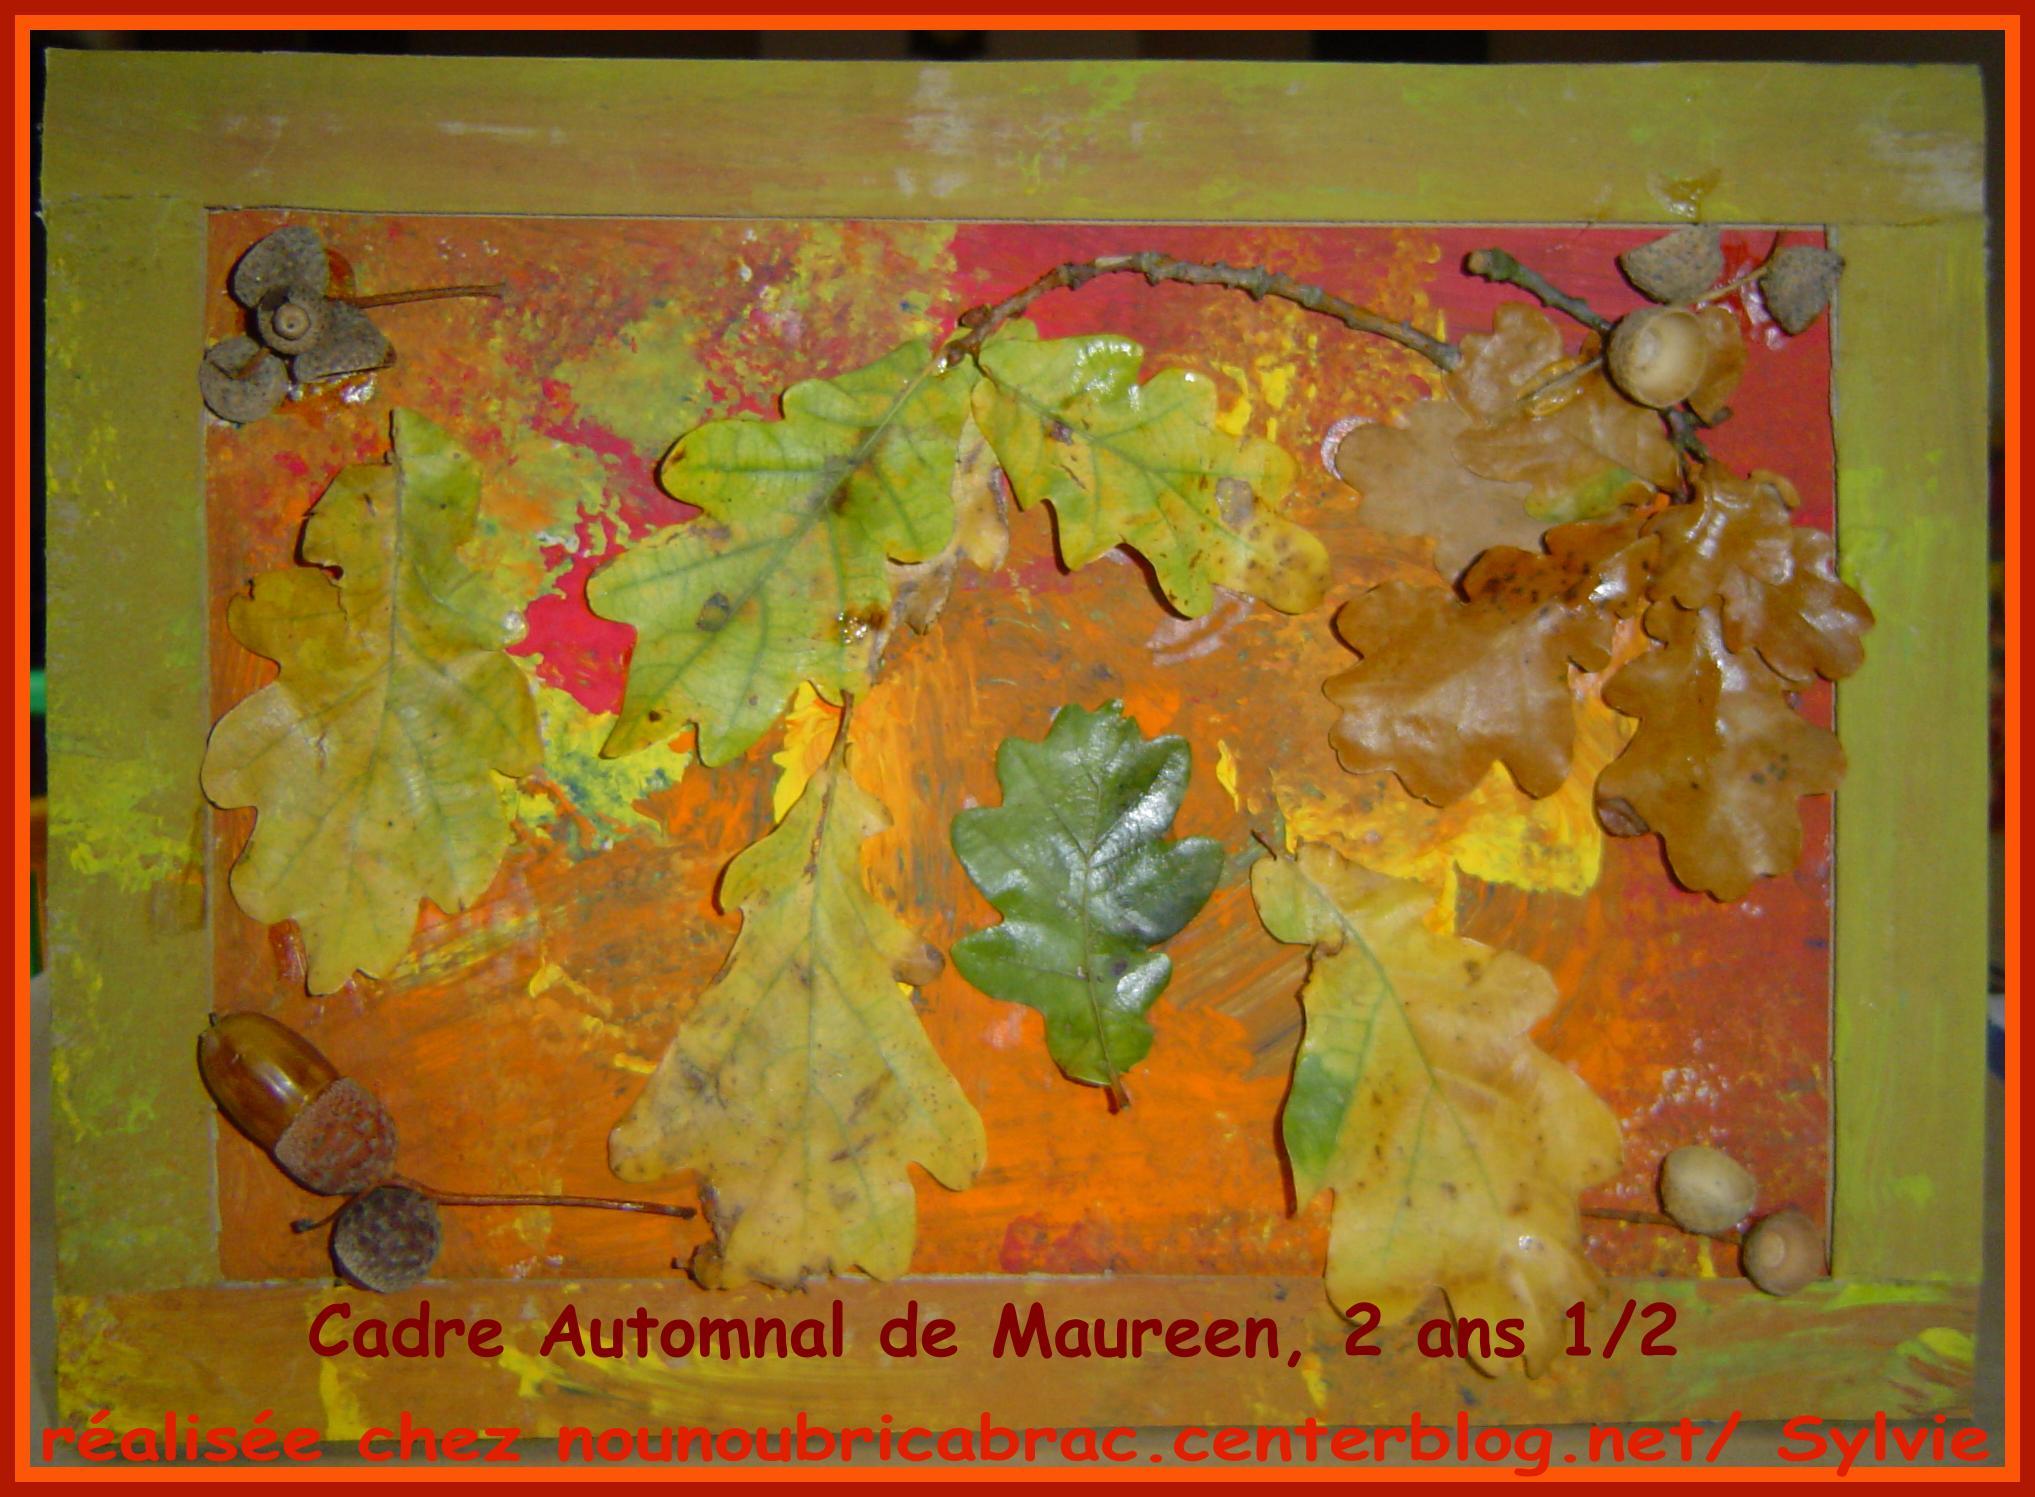 Cadre Automnal de Maureen, 2 ans 1/2